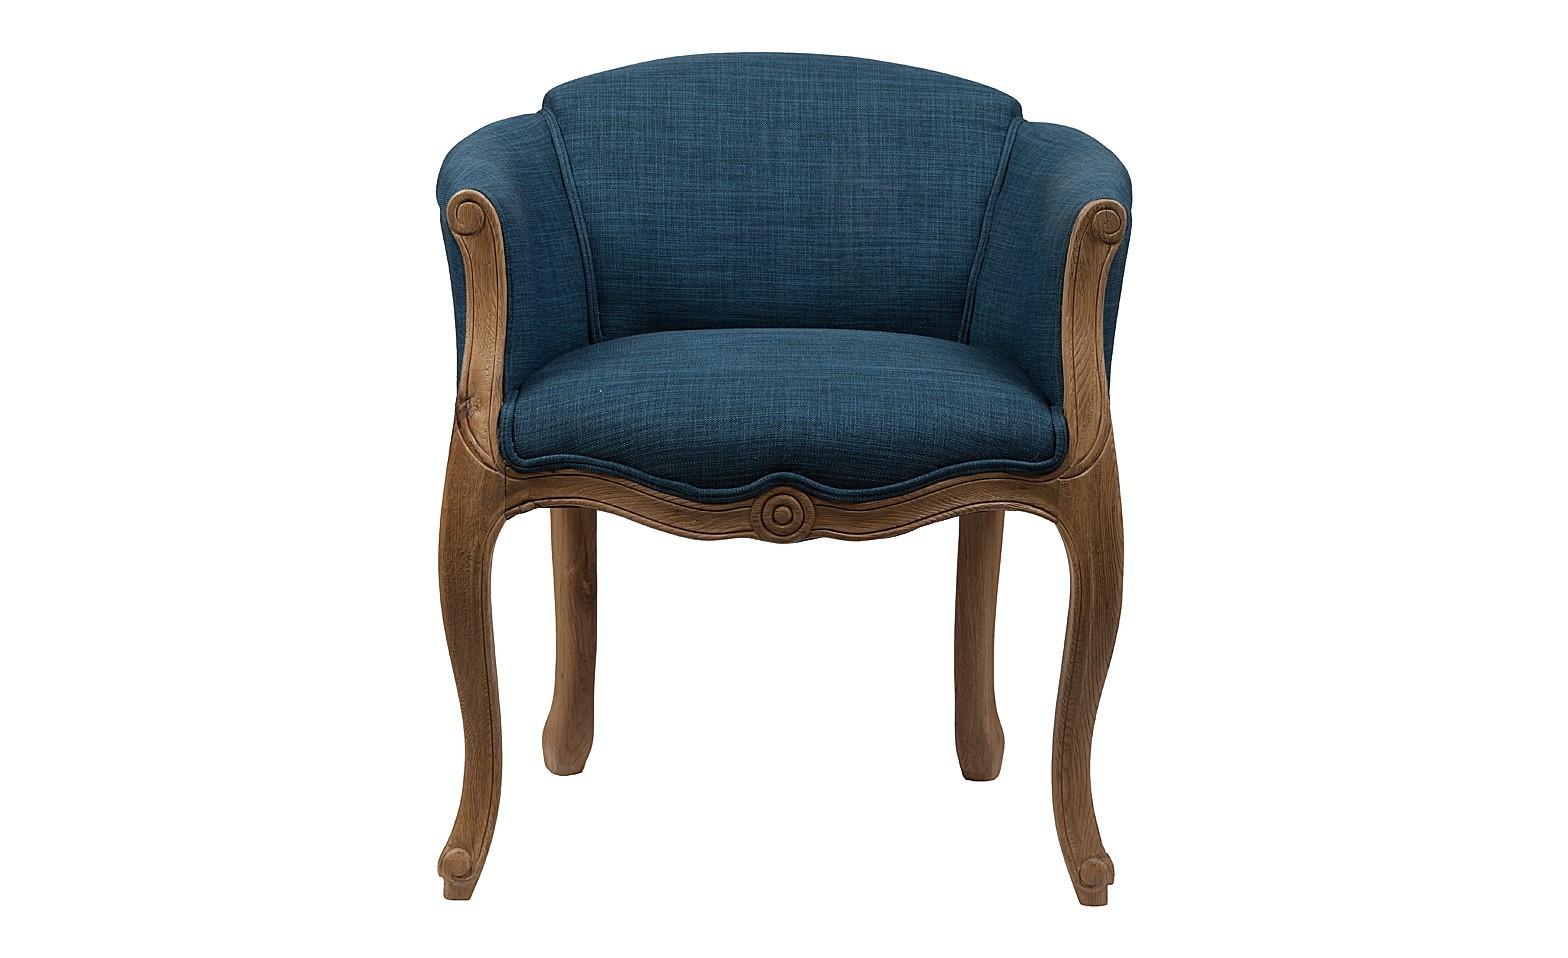 Кресло Cabriole ElizabethПолукресла<br>Созданное в модном старинном дизайне кресло Cabriole Elizabeth будет смотреться в вашем доме просто роскошно. Конструкция кресла создана из добротного дерева, что гарантирует его долгую эксплуатацию. Гнутые фигурные ножки и резьба по всему каркасу подчеркивают утонченность продукта. Для обивки использована особая синтетическая ткань  — полиэстер, которая отличается прочностью и долговечностью, и своей спокойной синей расцветкой располагает к отдыху. В качестве наполнителя использован мягкий упругий поролон, который не проваливается при длительном сидении.<br><br>Material: Дерево<br>Width см: 58<br>Depth см: 54<br>Height см: 66